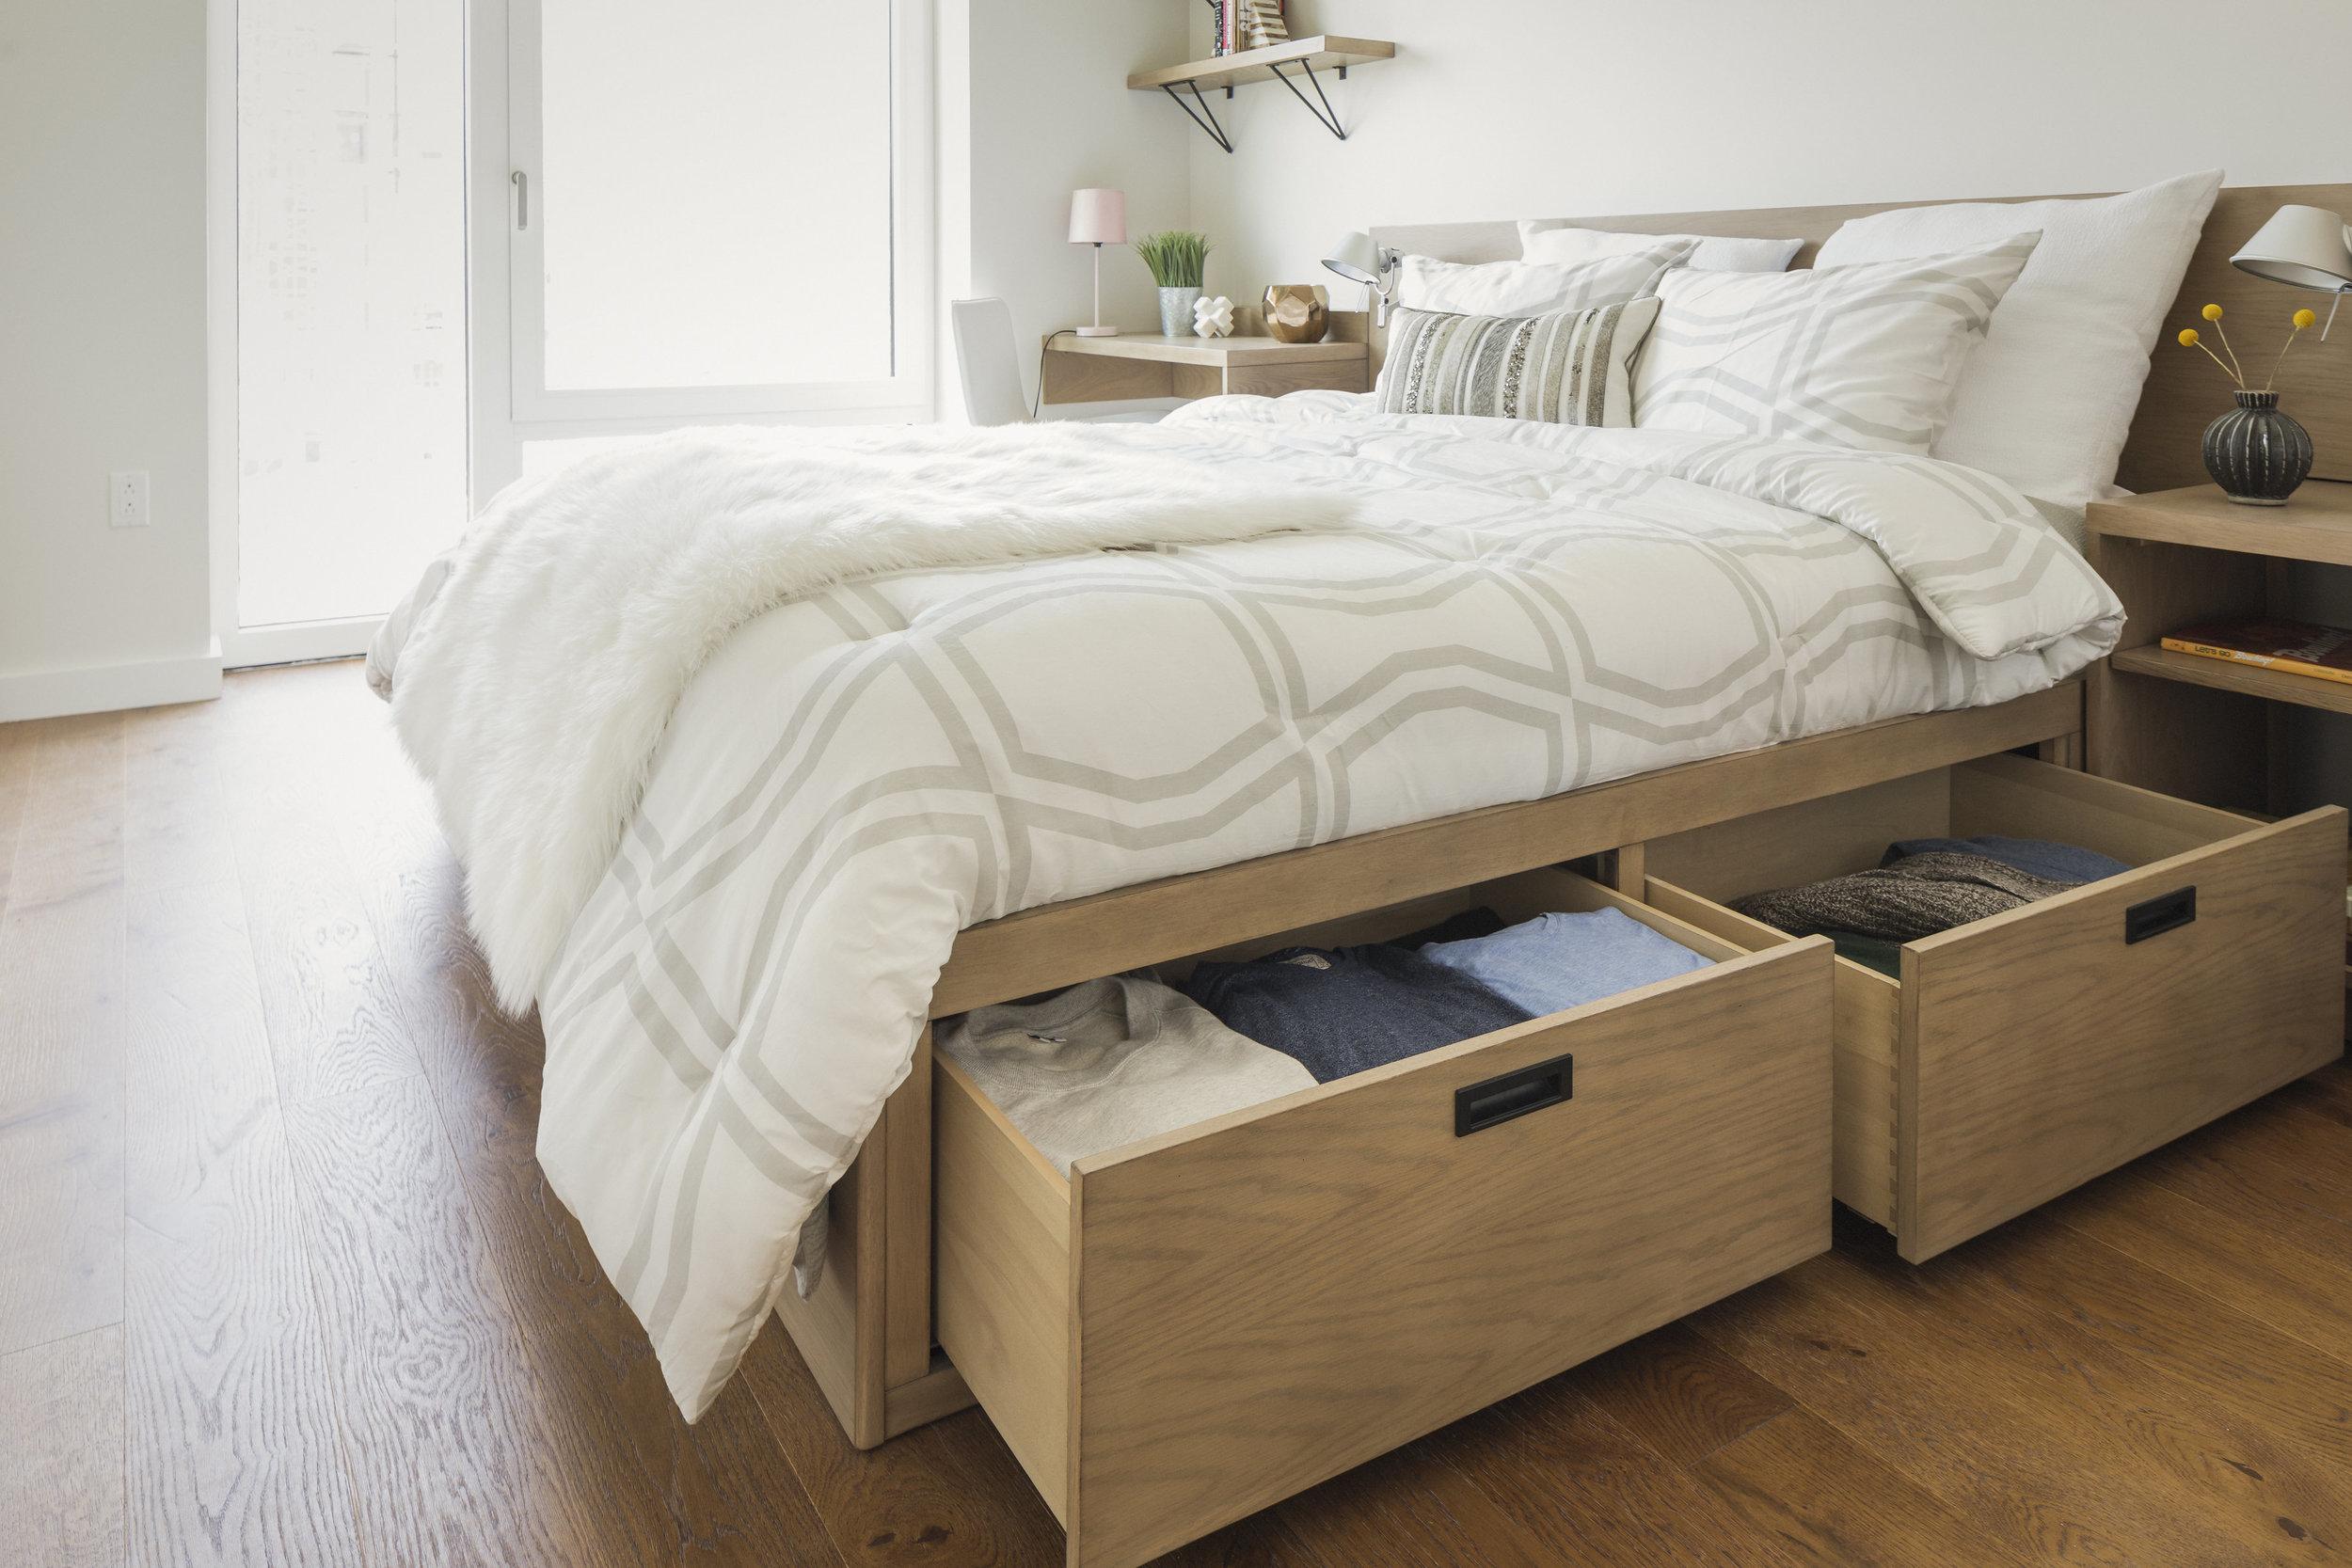 Bed & Storage